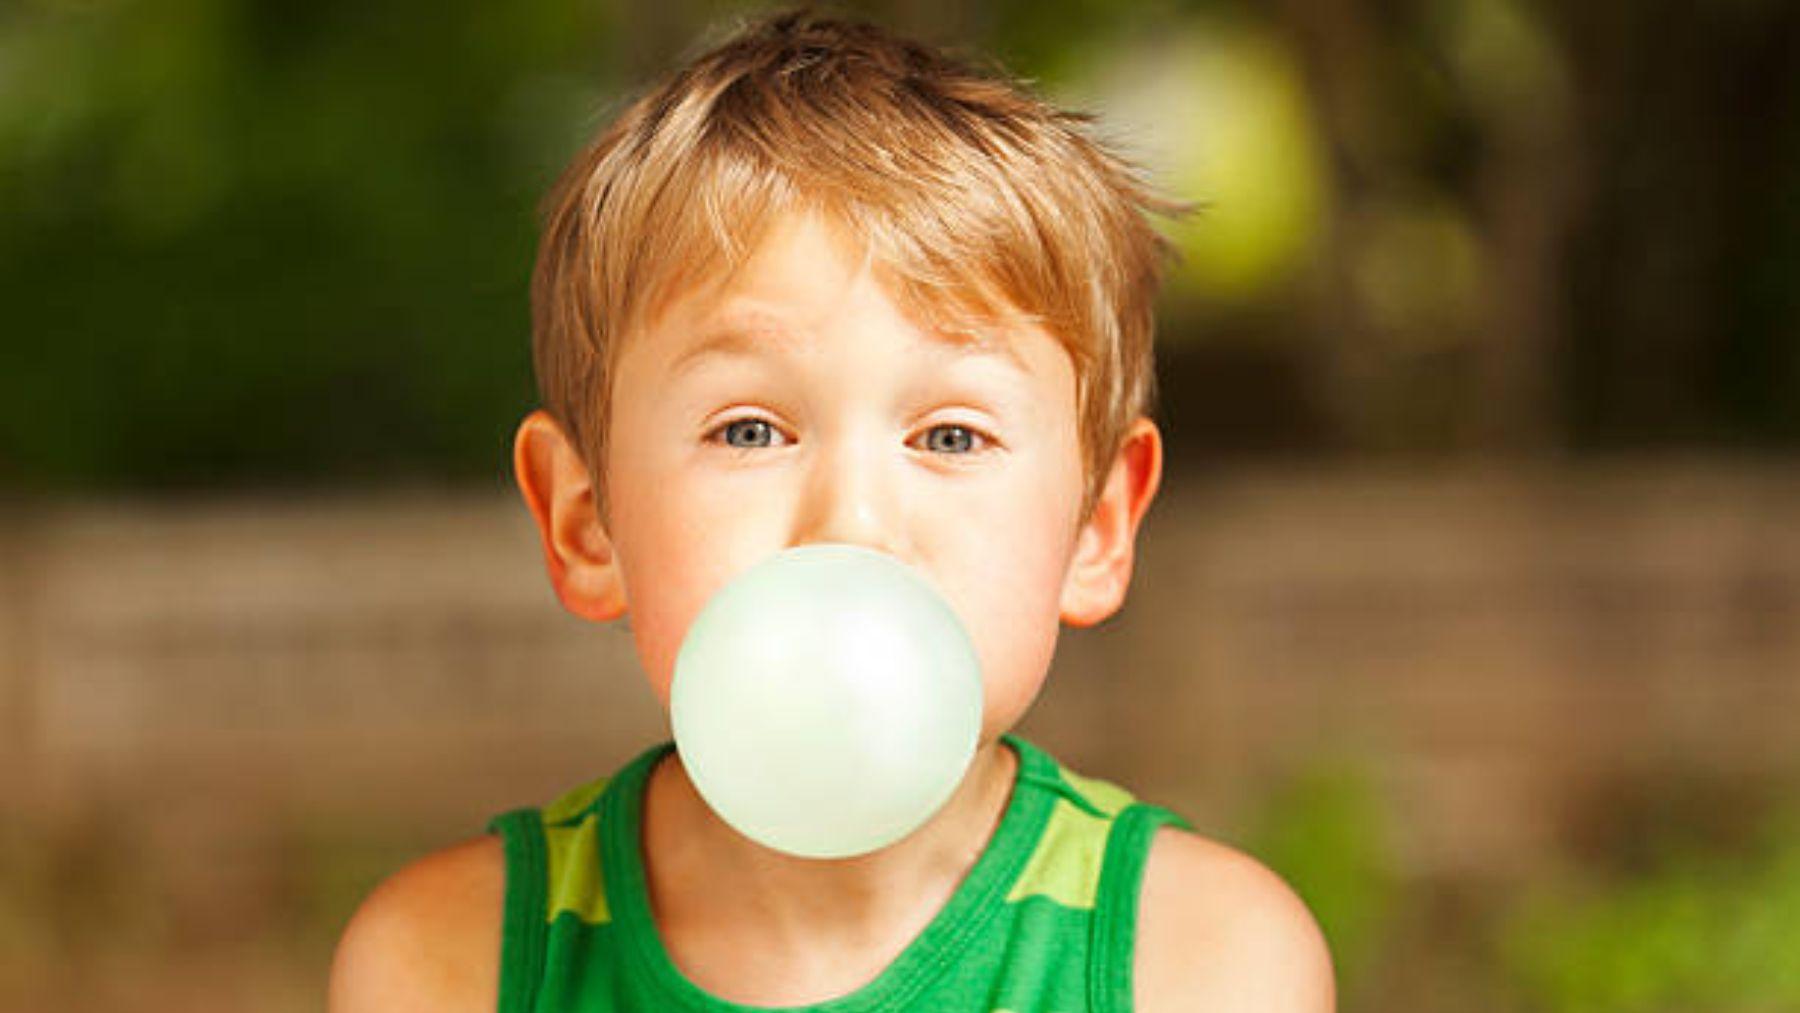 Descubre a qué edad los niños pueden empezar a masticar chicle